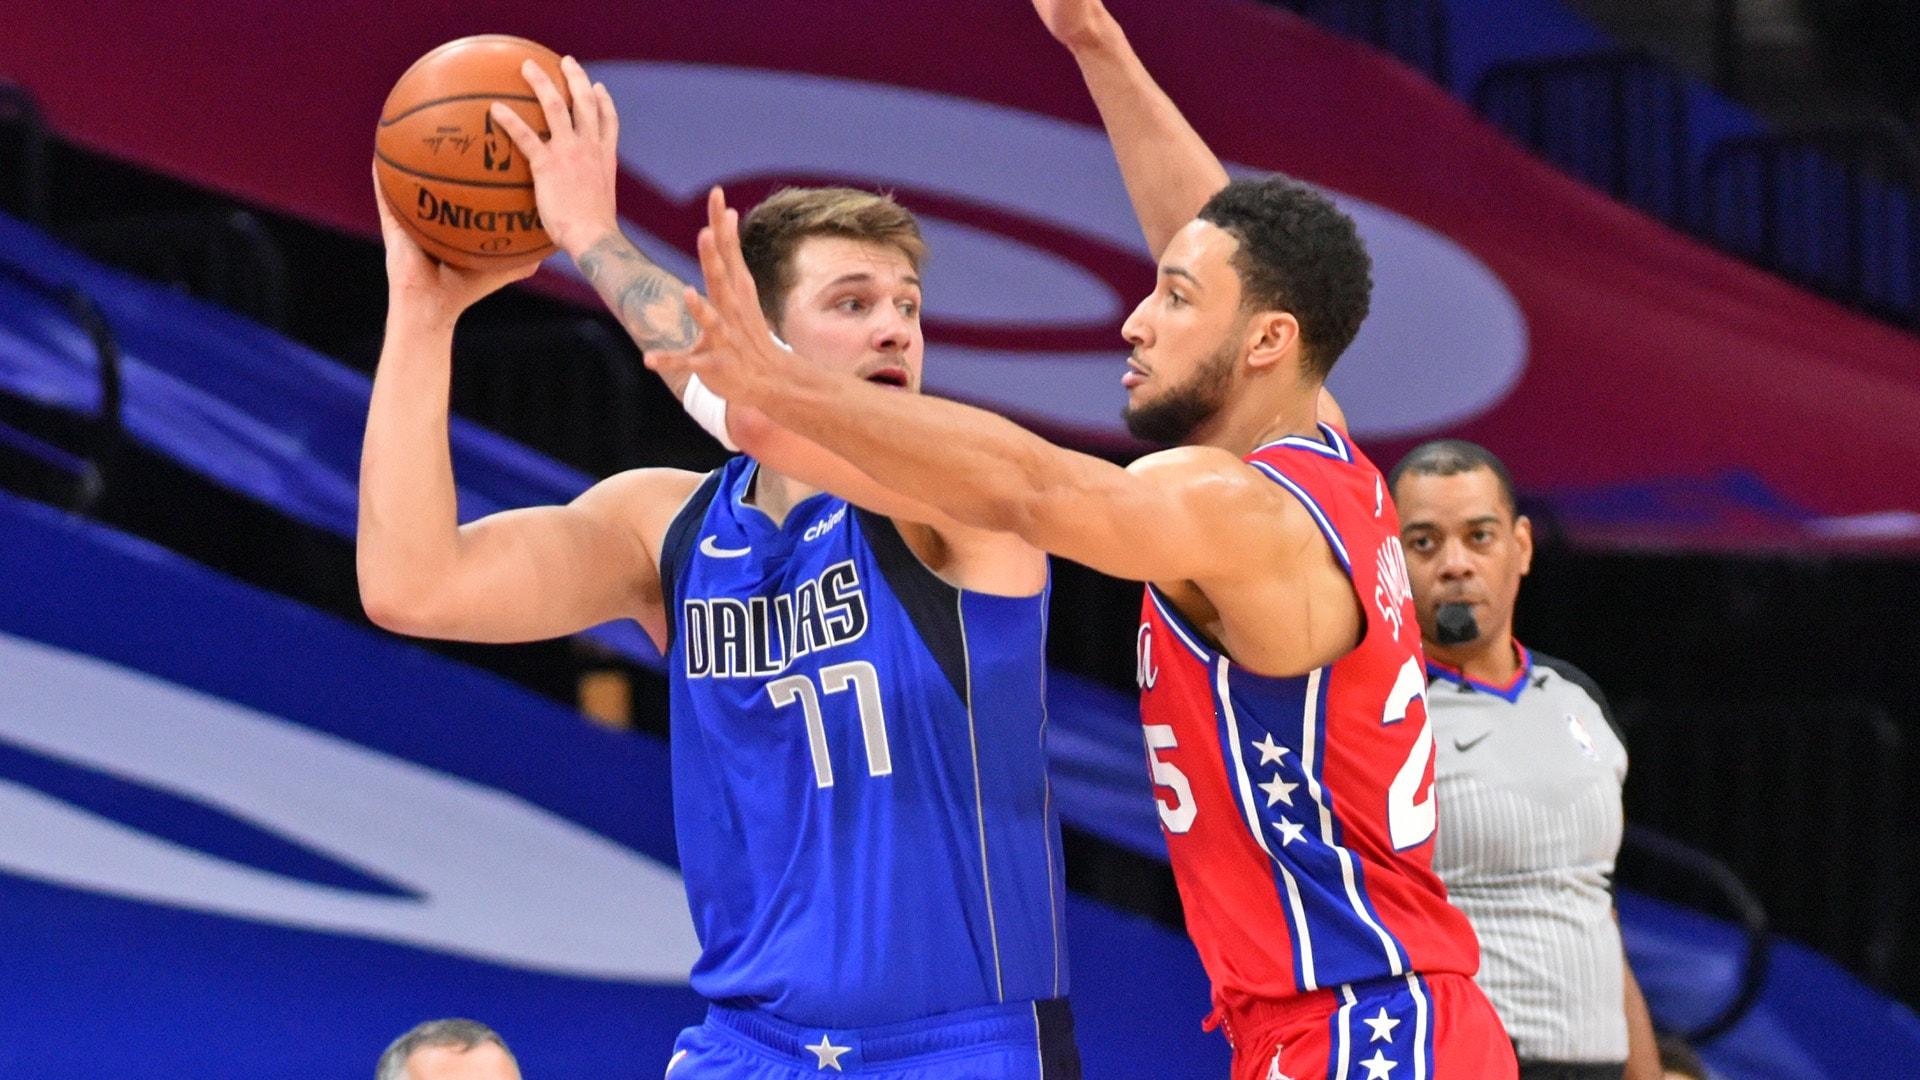 Stars collide as Mavericks host East-leading Sixers